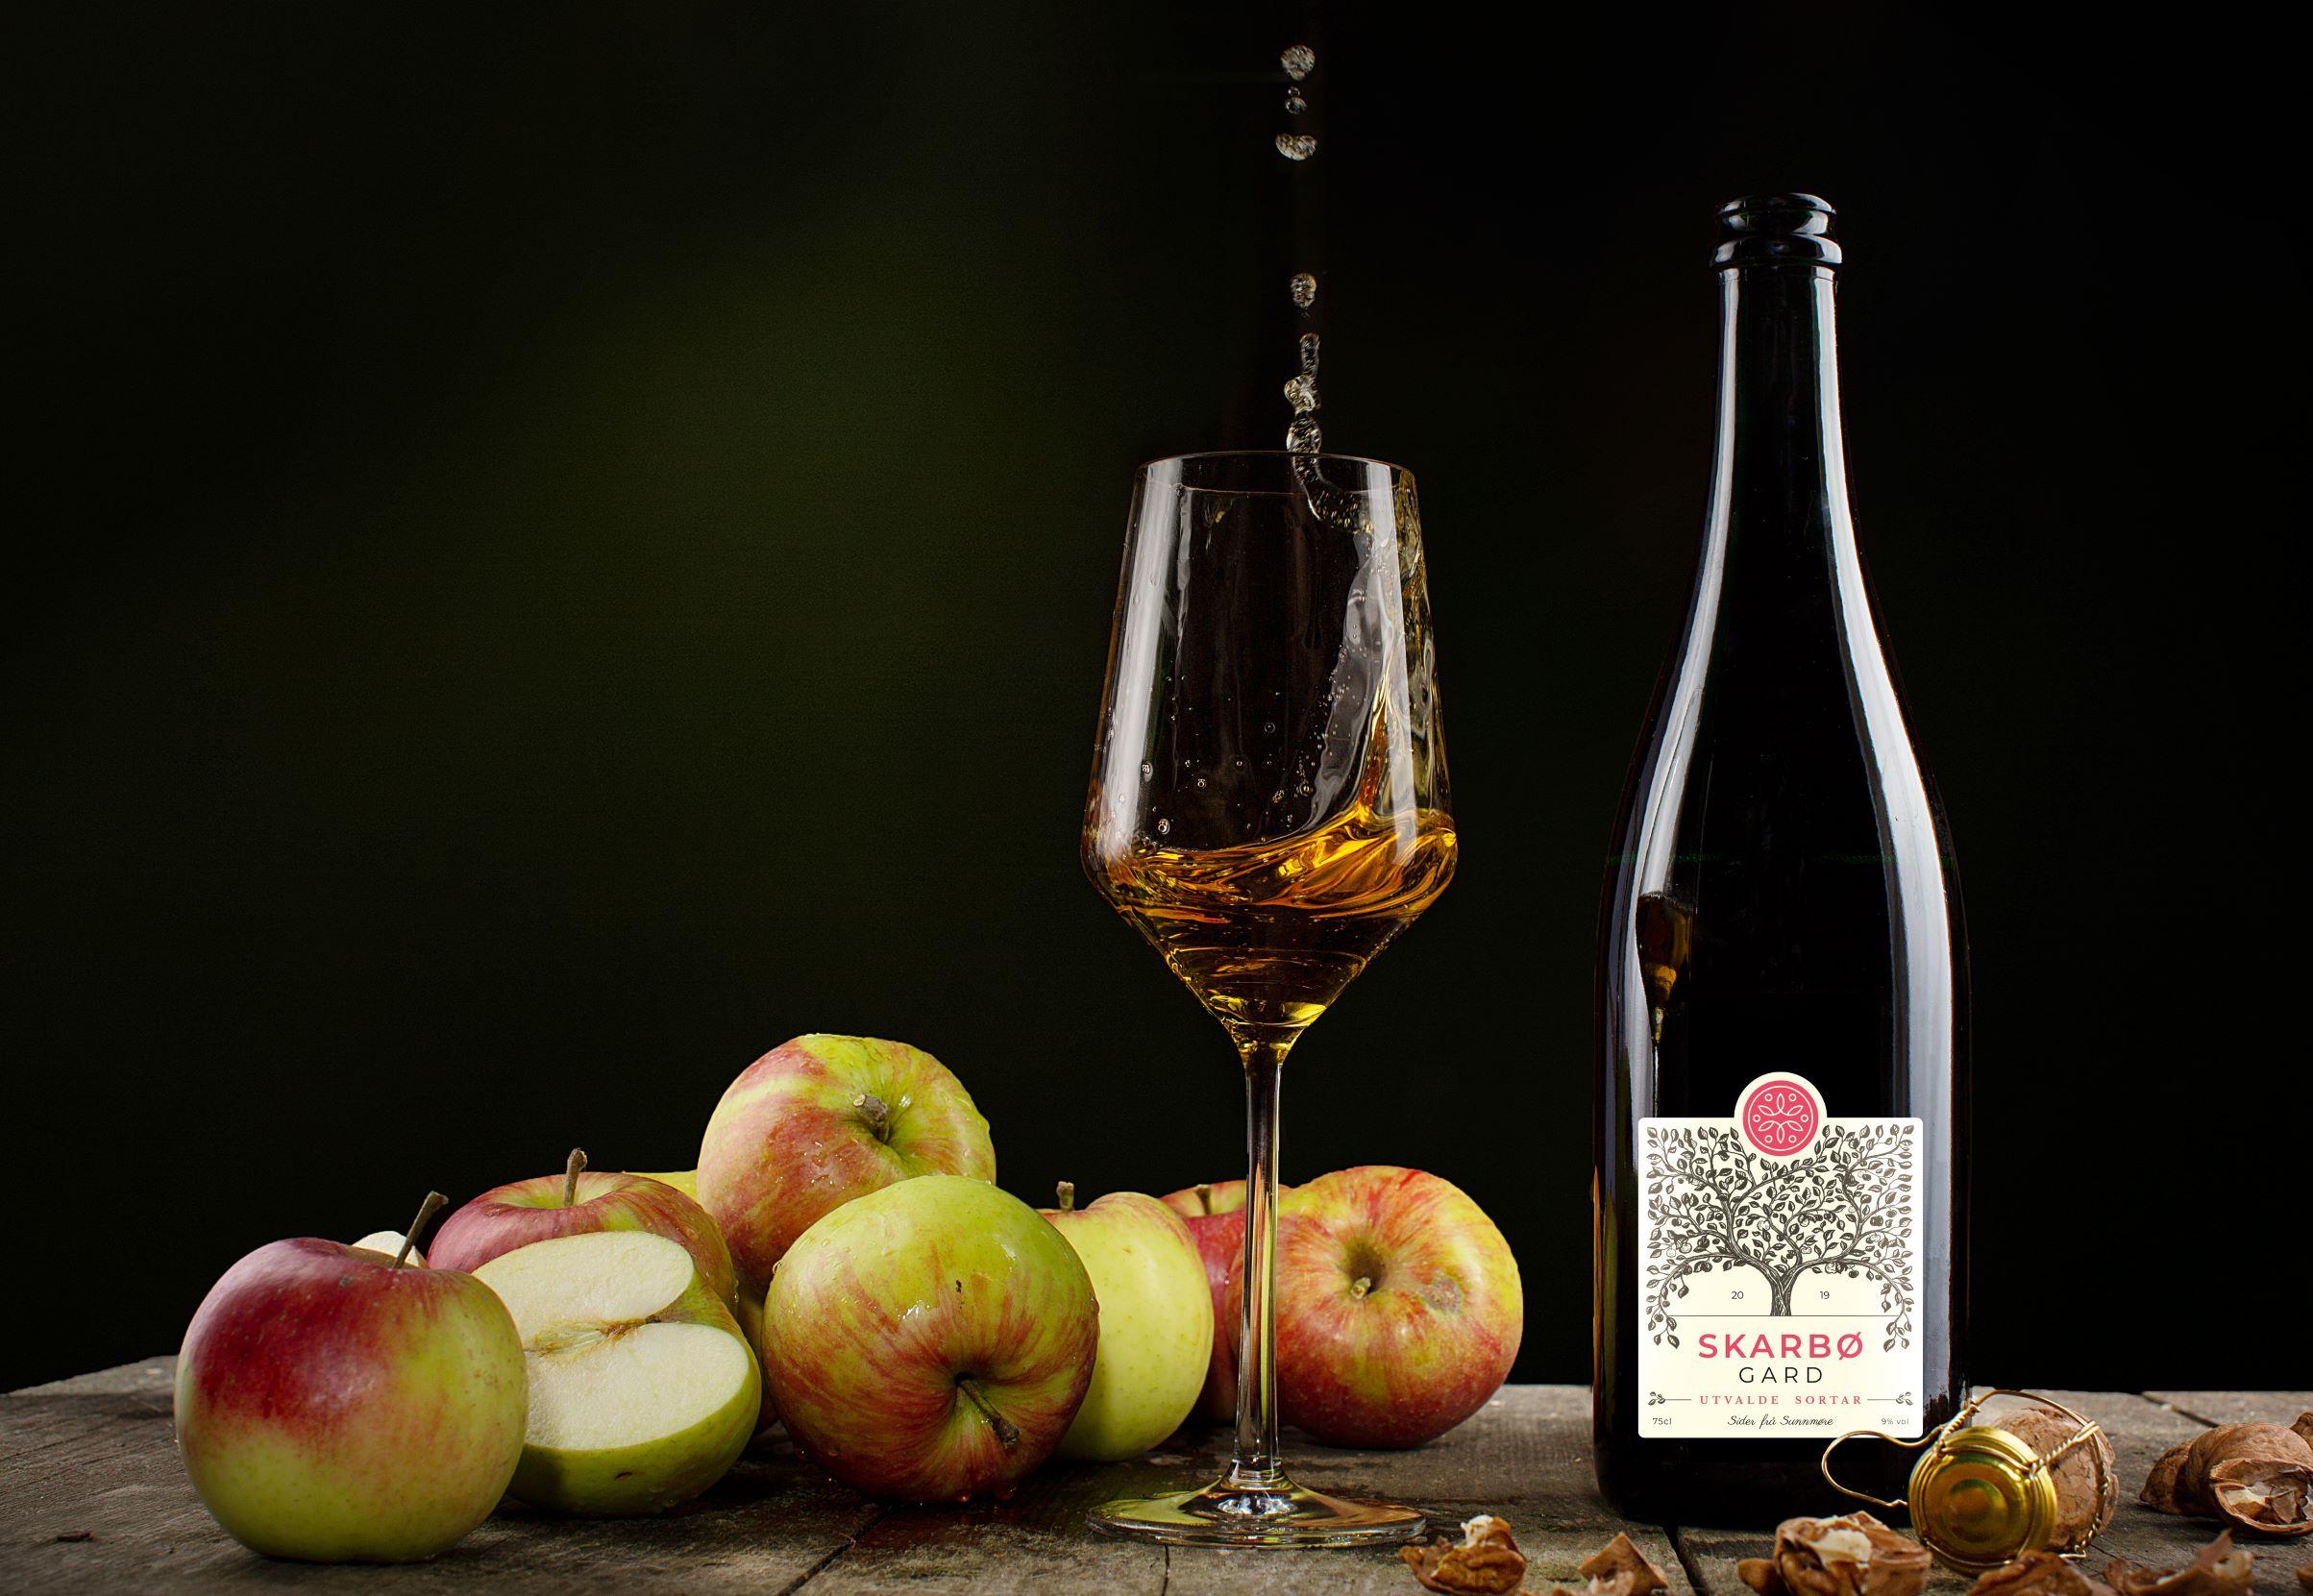 Sider frå Skarbø med ferske eple. Apple cider from Skarbo.